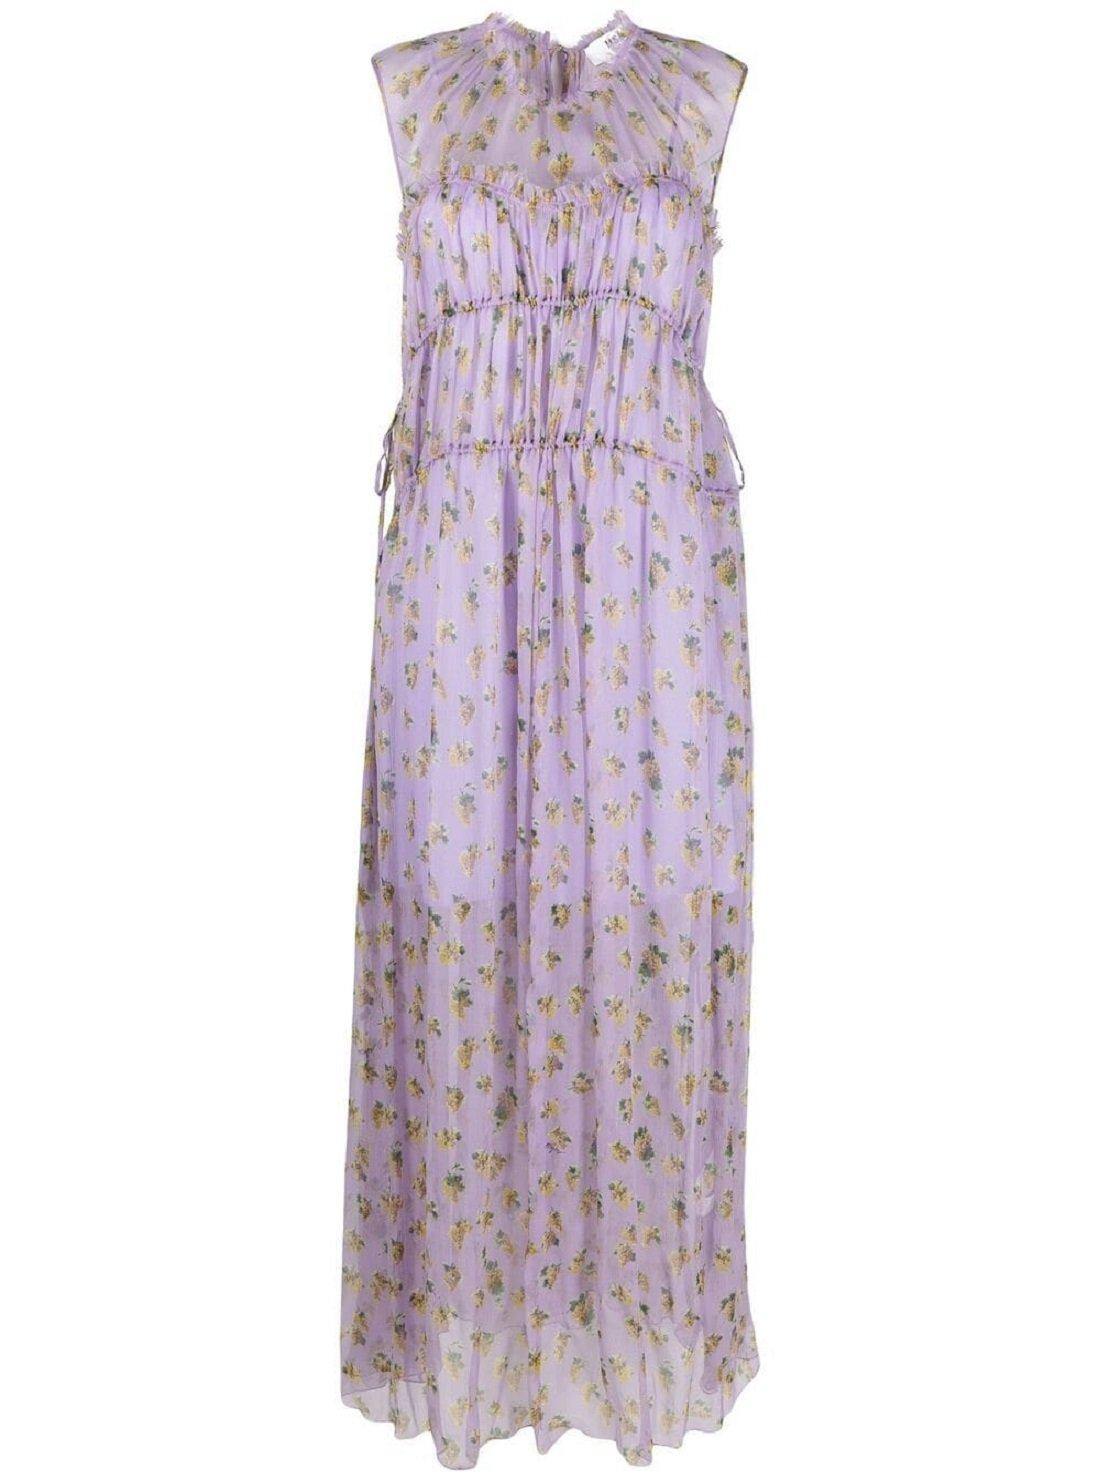 Grape-print silk dress